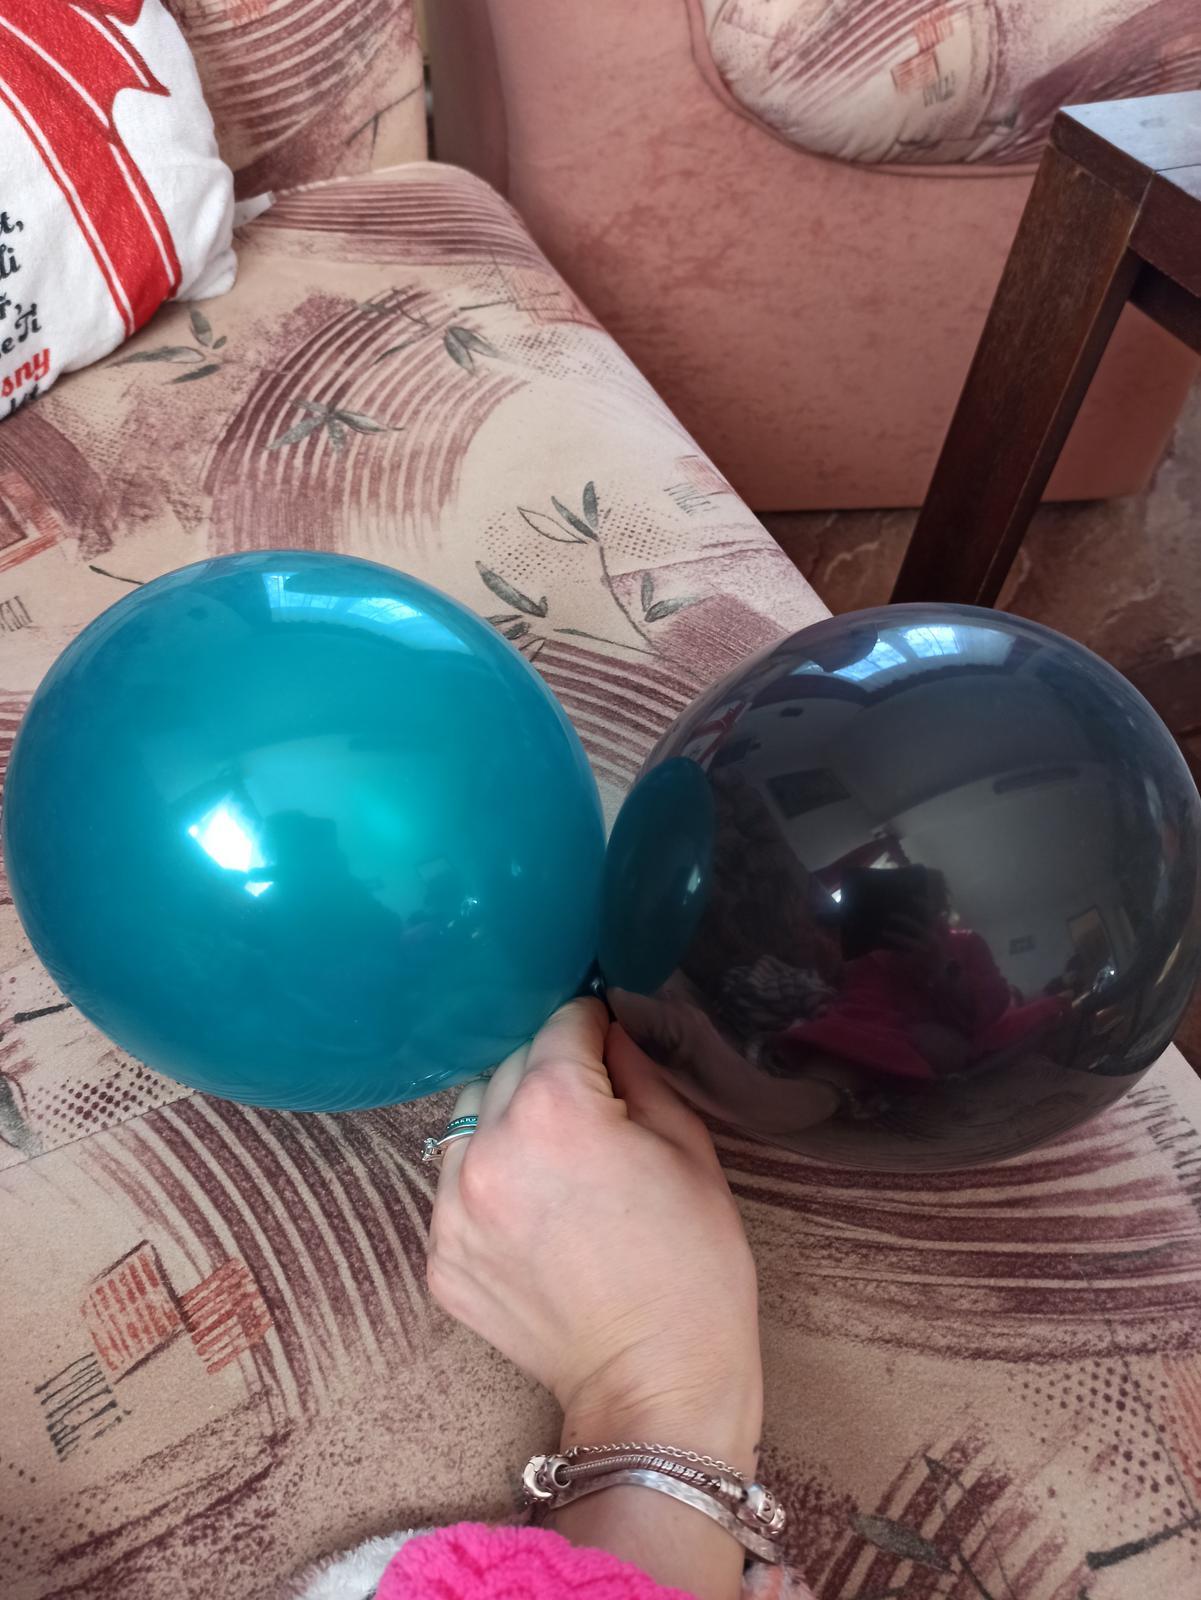 Balónky teal/petrolejové - Obrázek č. 4